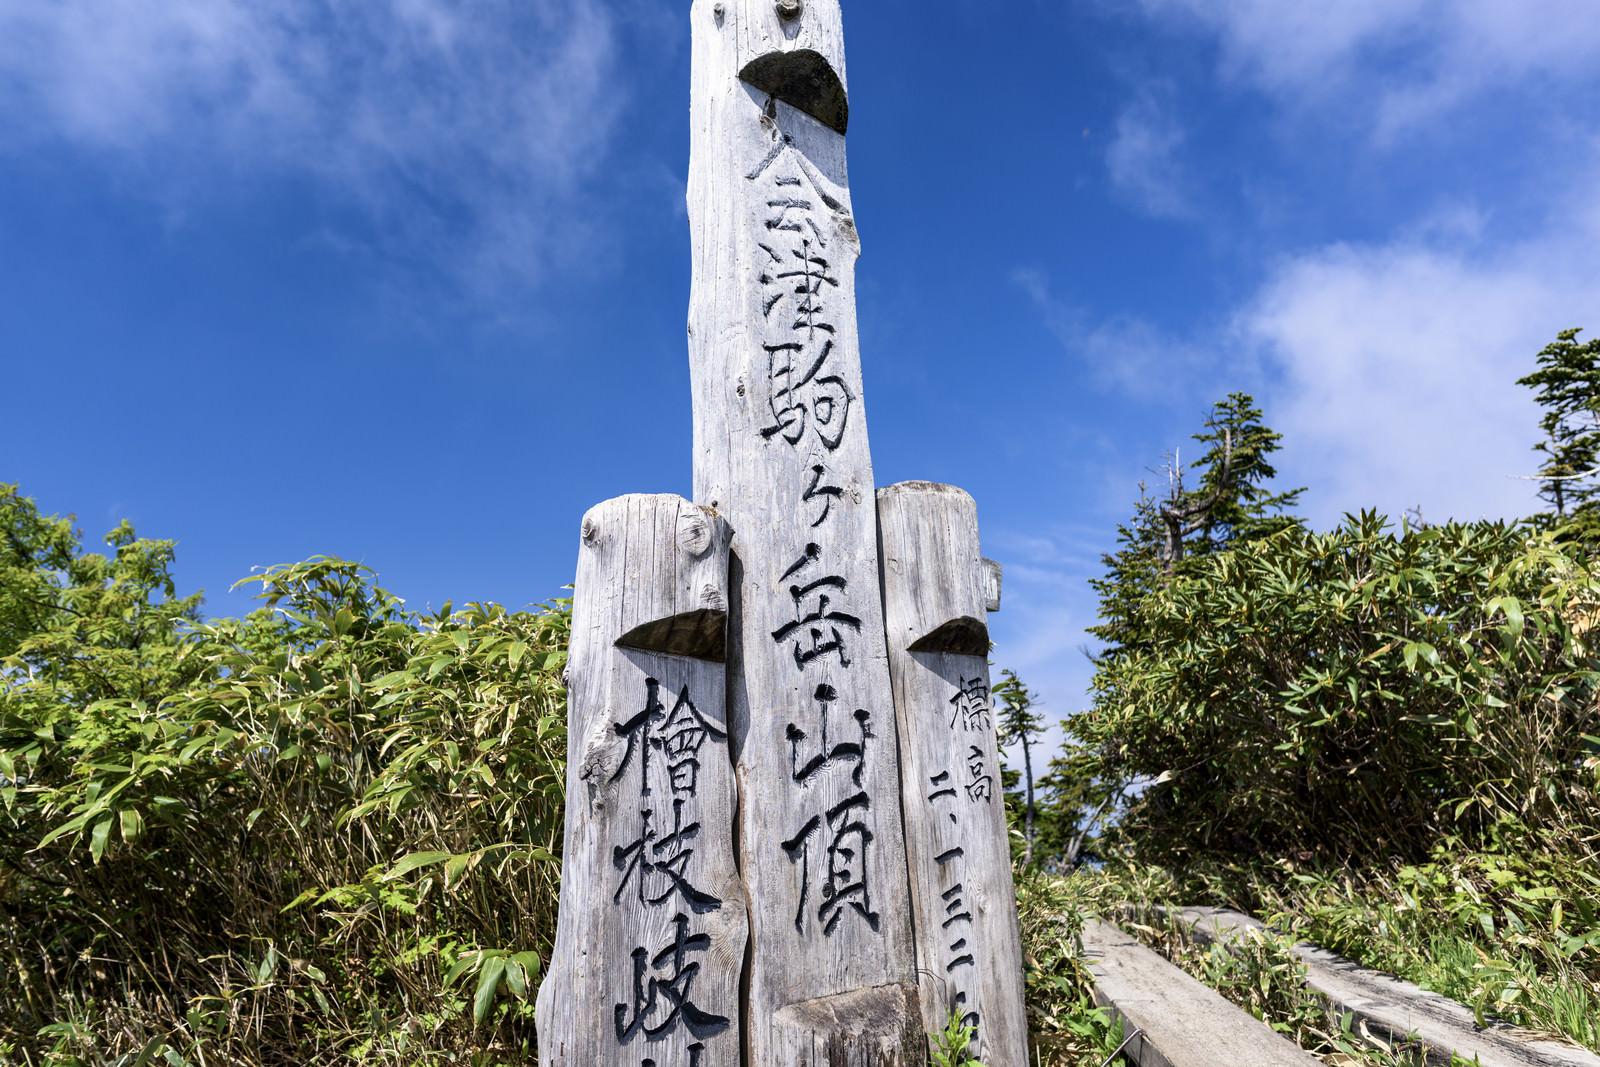 「会津駒ヶ岳の山頂碑(福島県南会津郡)」の写真